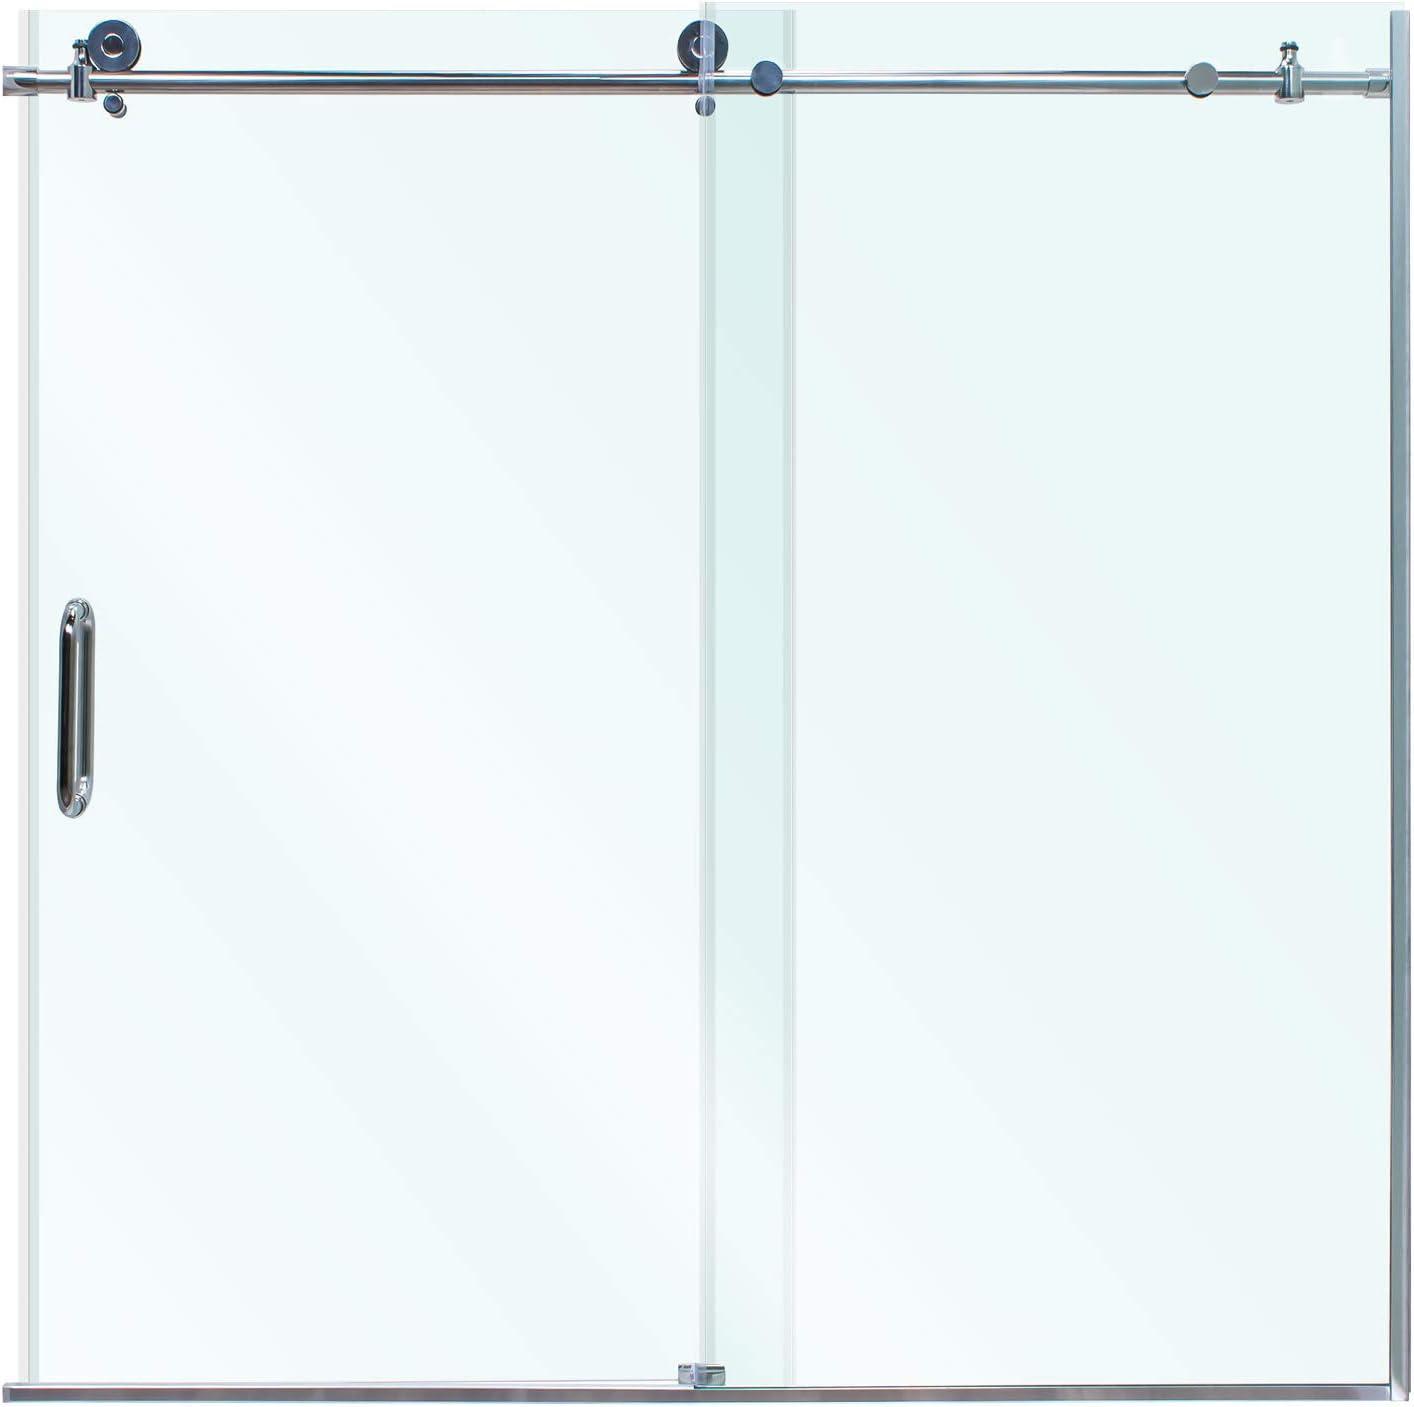 Miseno MSDCFL6062 - Puerta corredera sin marco (62 x 60 pulgadas, 3/8 pulgadas): Amazon.es: Bricolaje y herramientas